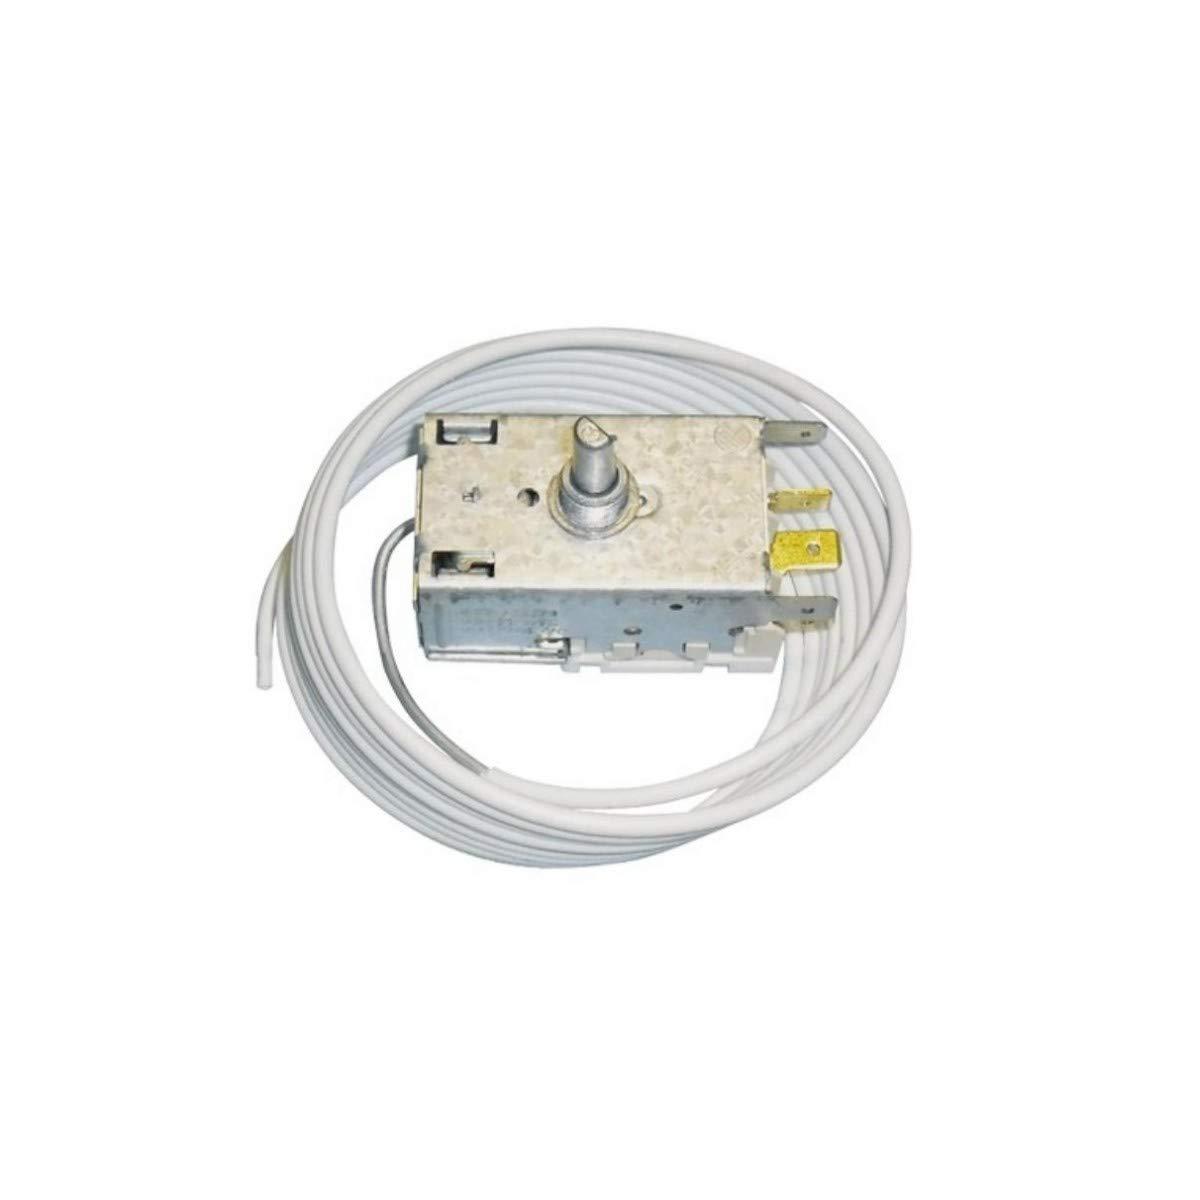 Recamania Termostato frigorifico Electrolux ER2910B L57-L5871n ...